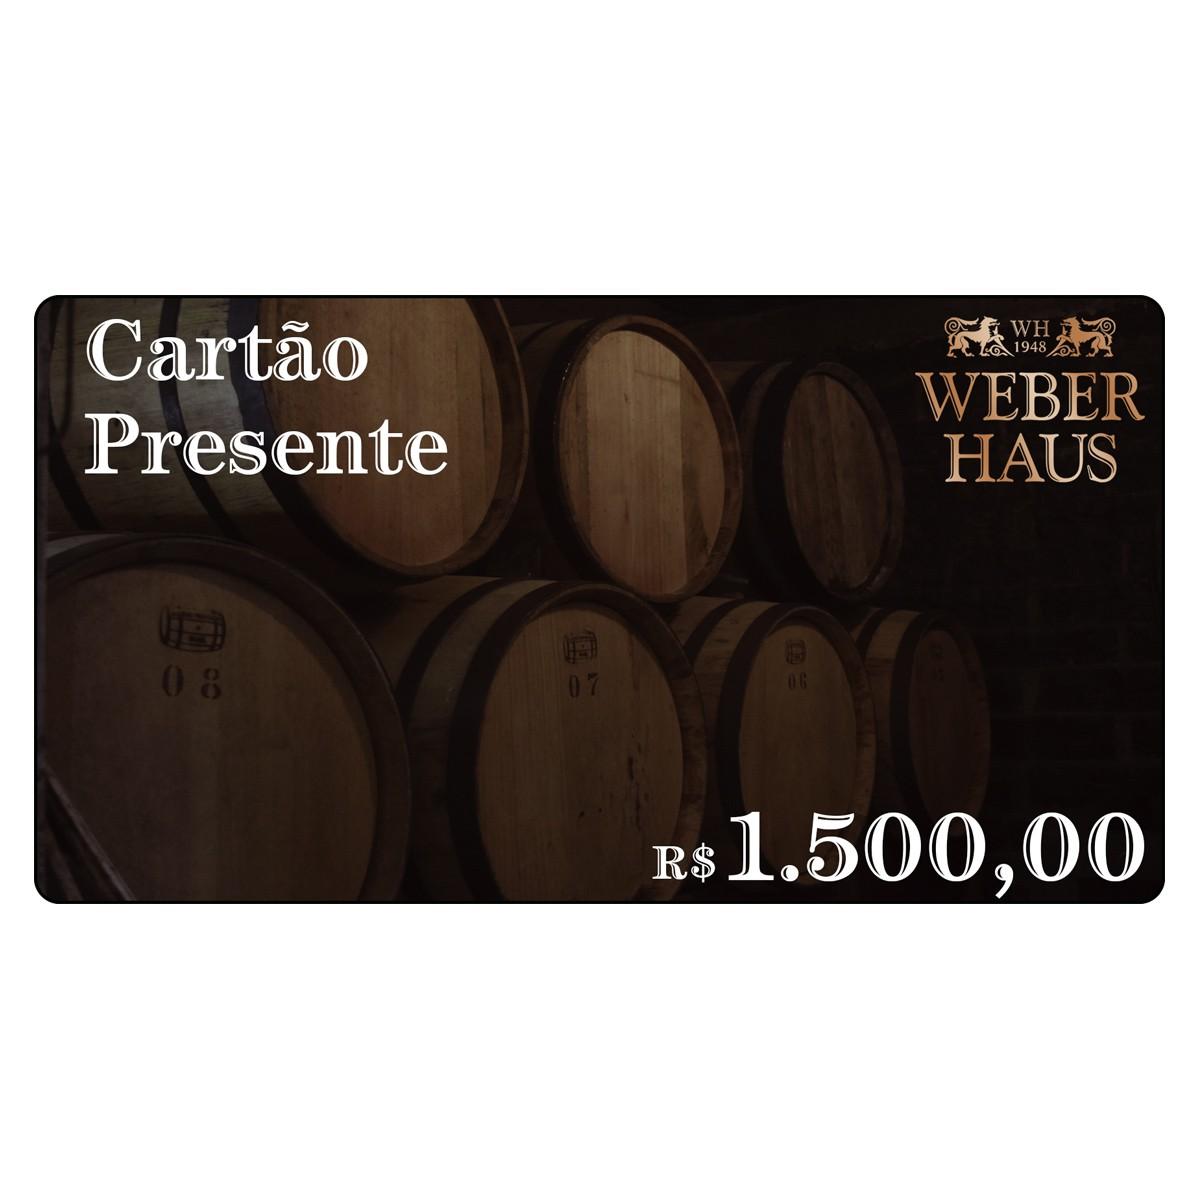 Cartão Presente no Valor de R$1.500,00